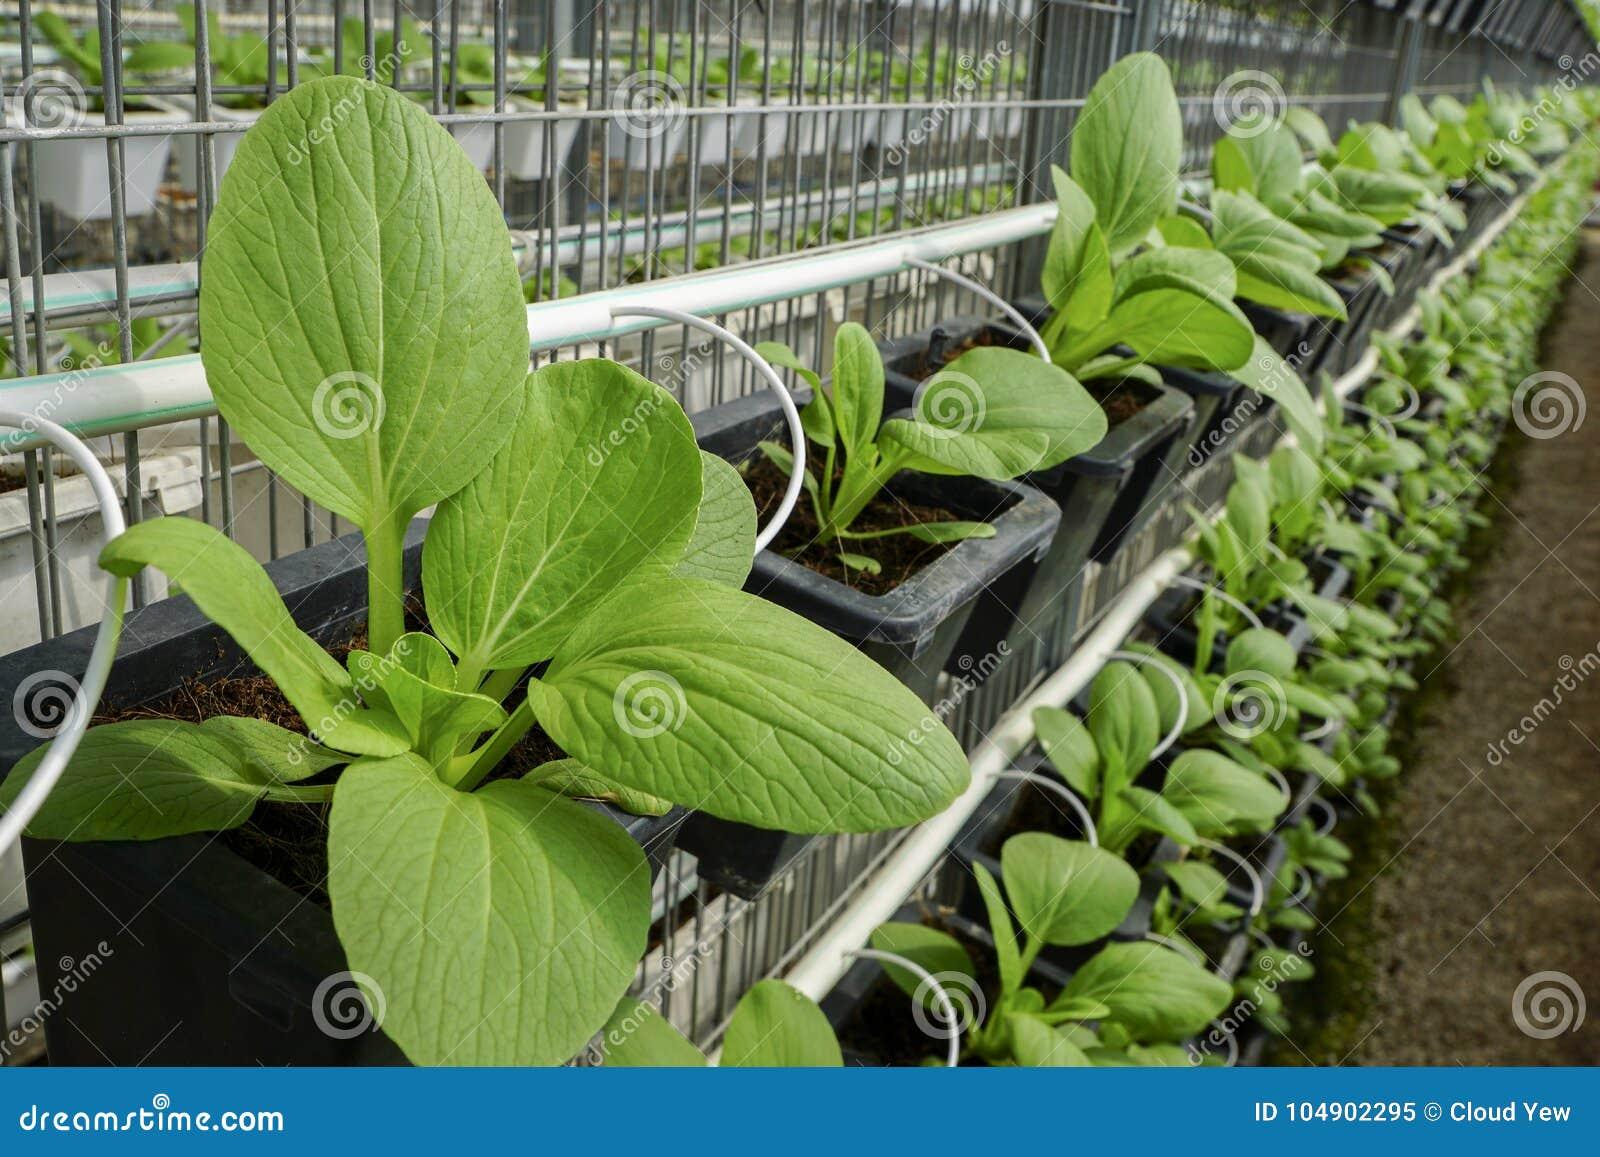 Eco vegetable in vase.